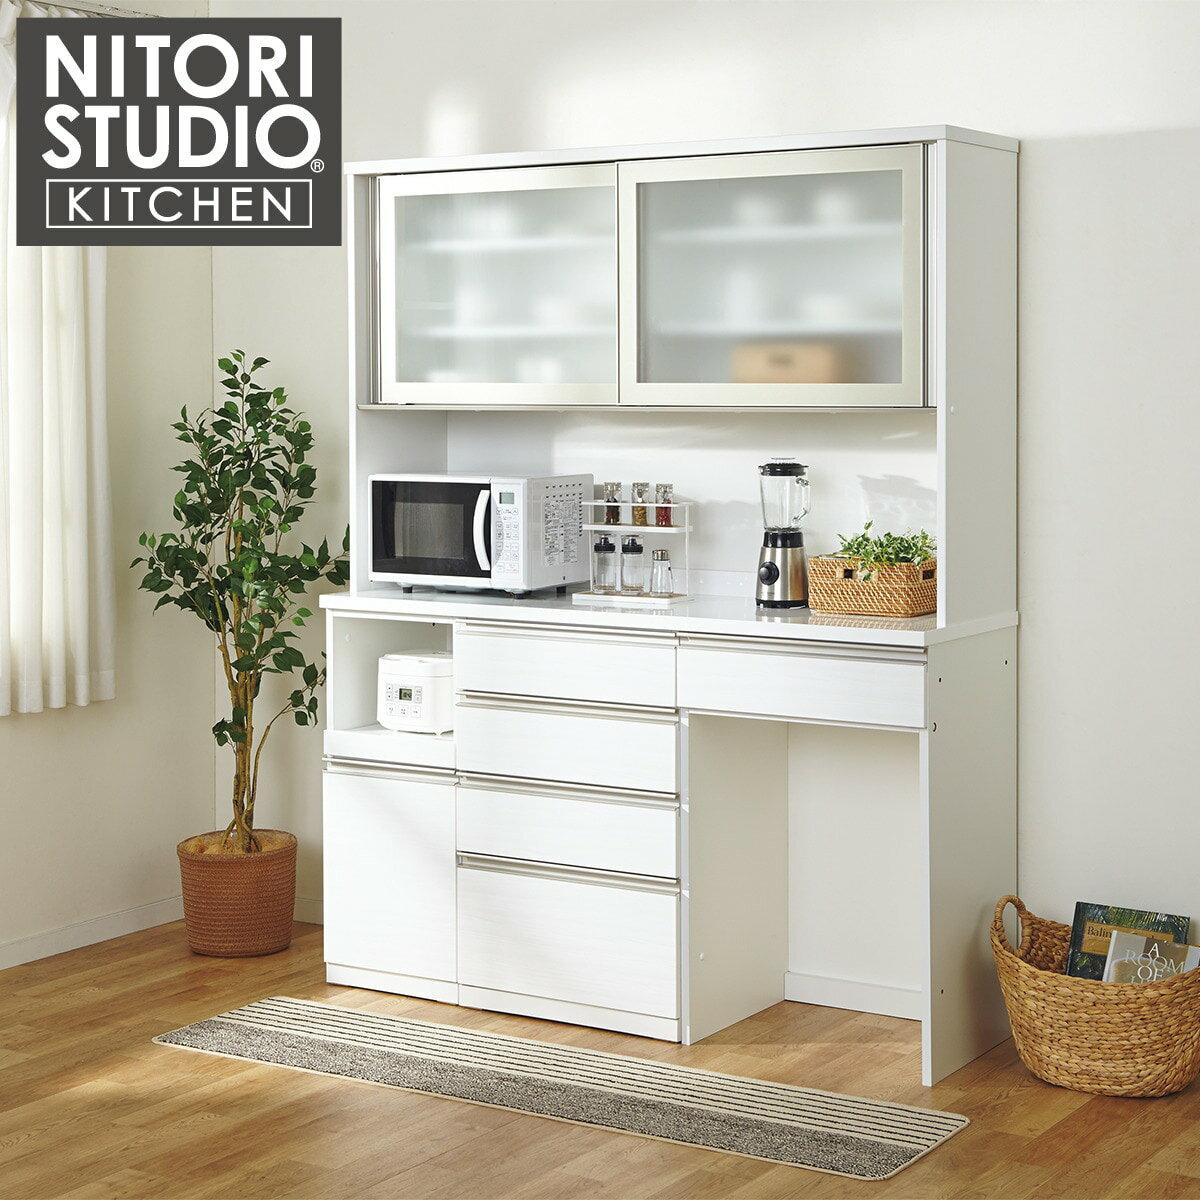 ユニットキッチンボード(リガーレ160KB WH) ニトリ 【完成品・配送員設置】 【5年保証】